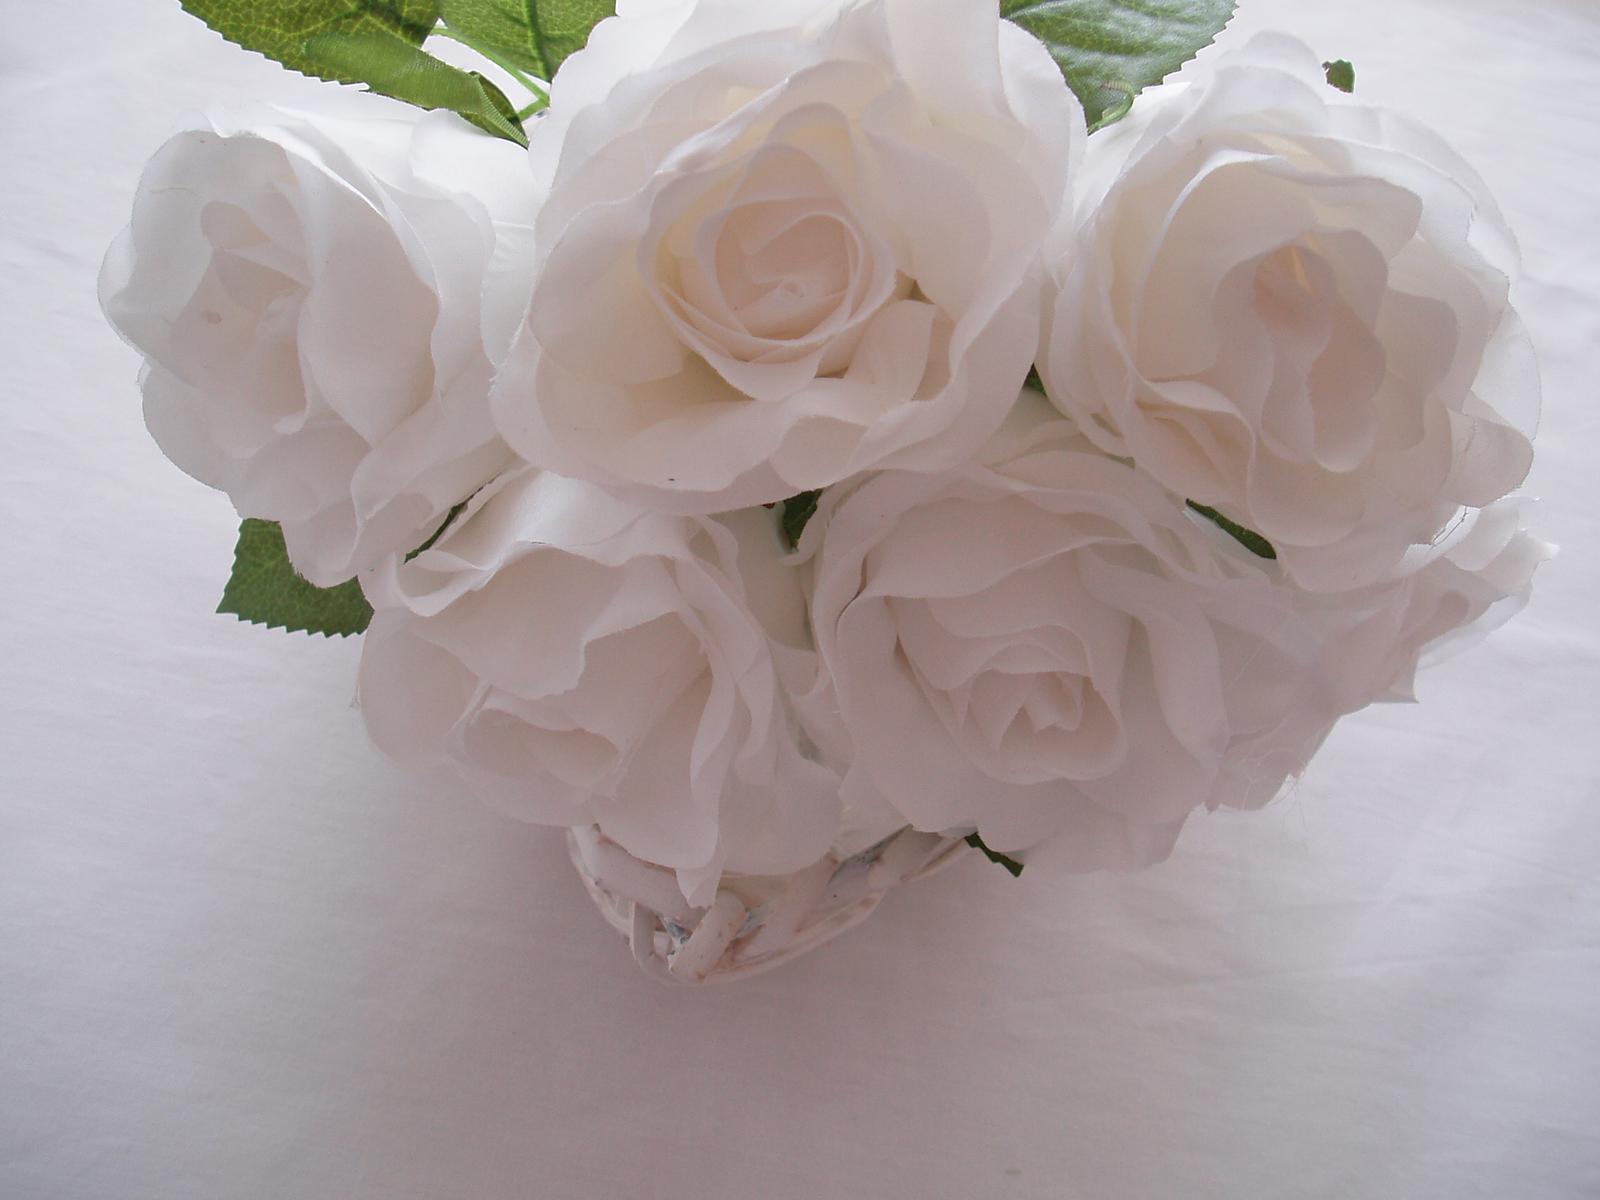 kytice bílých růží - Obrázek č. 1